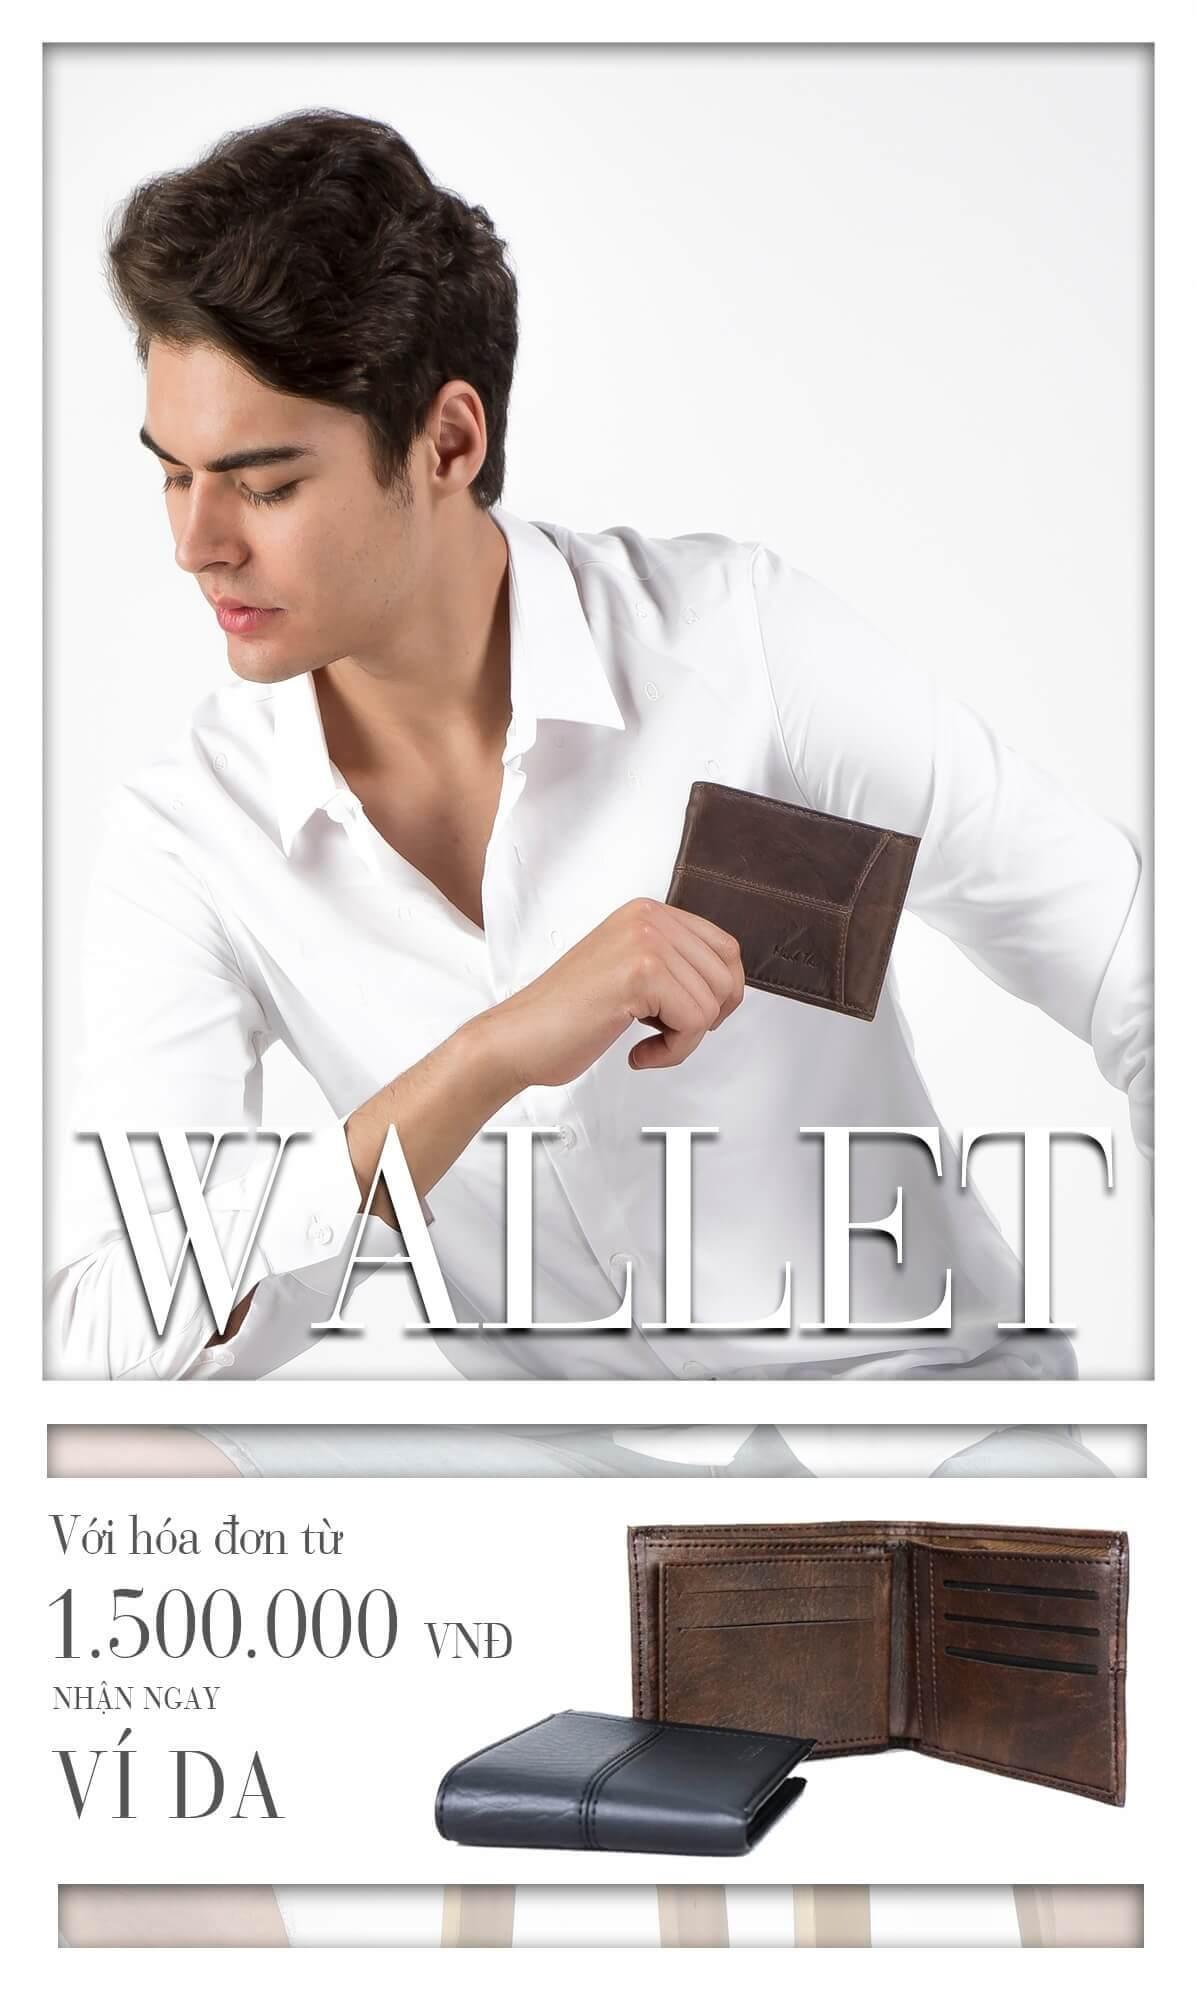 Tặng ví da khi mua sản phẩm thời trang tại Minh Thư